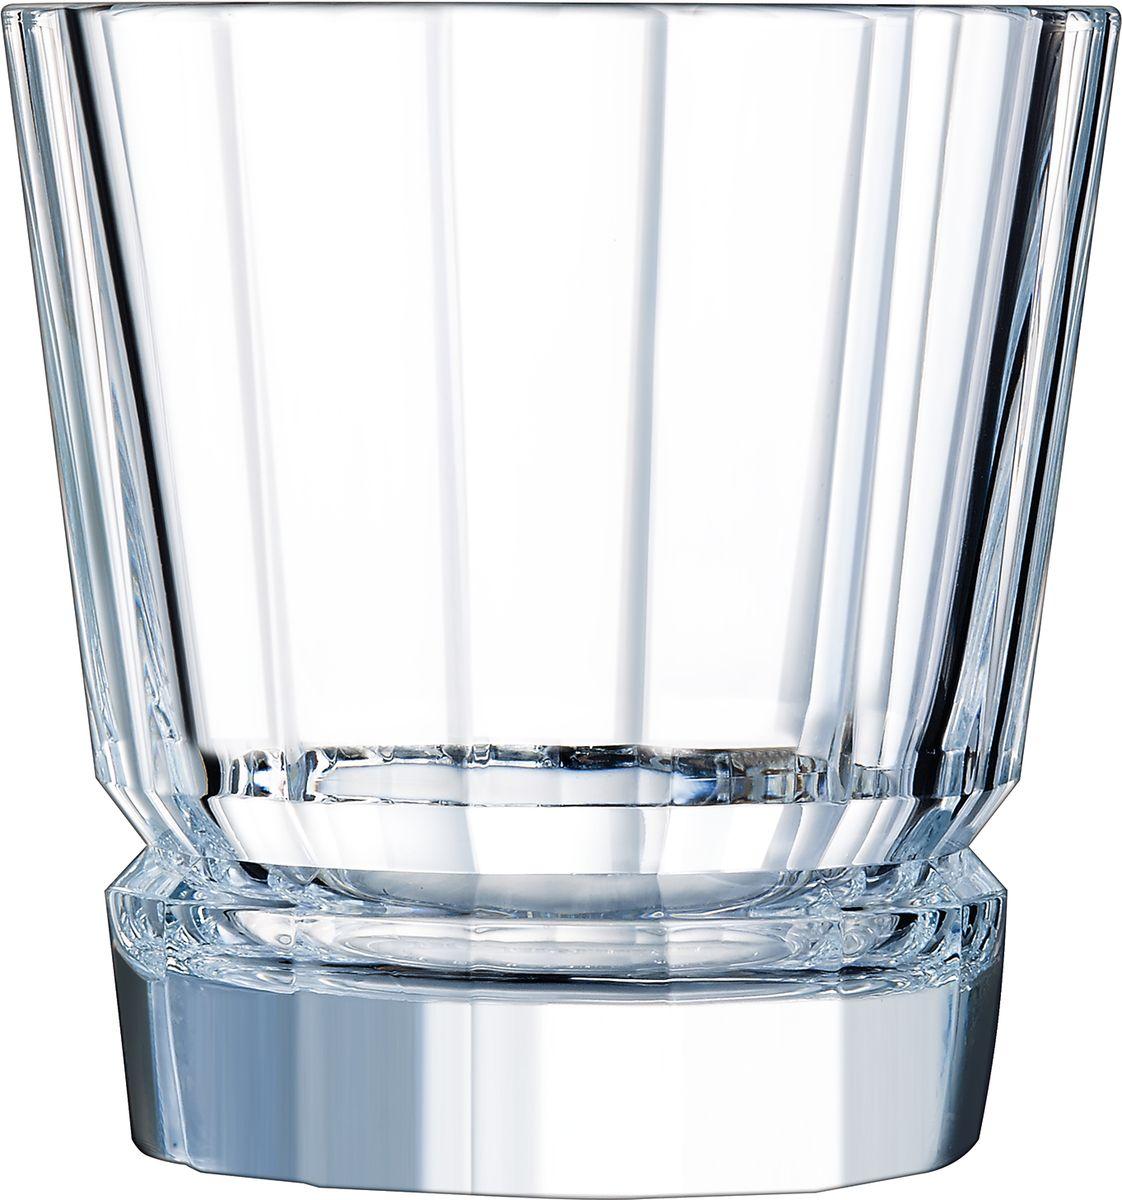 Набор стаканов Cristal dArques Macassar, 380 мл, 6 шт. L8162L8162Прямые грани и уникальный блеск коллекции Macassar переносят нас в мир высокой моды ар-деко. Вечные складки. Прямые бокалы из коллекции Macassar переносят нас в мир высокой моды ар-деко. Они выделяются изысканностью текучих складок от ножек до верха и единством симметричных линий. Как модницы безумных двадцатых, украшаясь тюрбанами и султанами, открывали свободу движения в мягкой драпировке, так бокалы в несравненном блеске хрусталя радуются свободе стиля и чистоте прямых и закругленных граней. Подобно тому, как современный кутюрье пересматривает вечные мотивы моды, эти текучие и геометрические скульптуры смело нарушают условности и утверждают смелость на вашем столе.